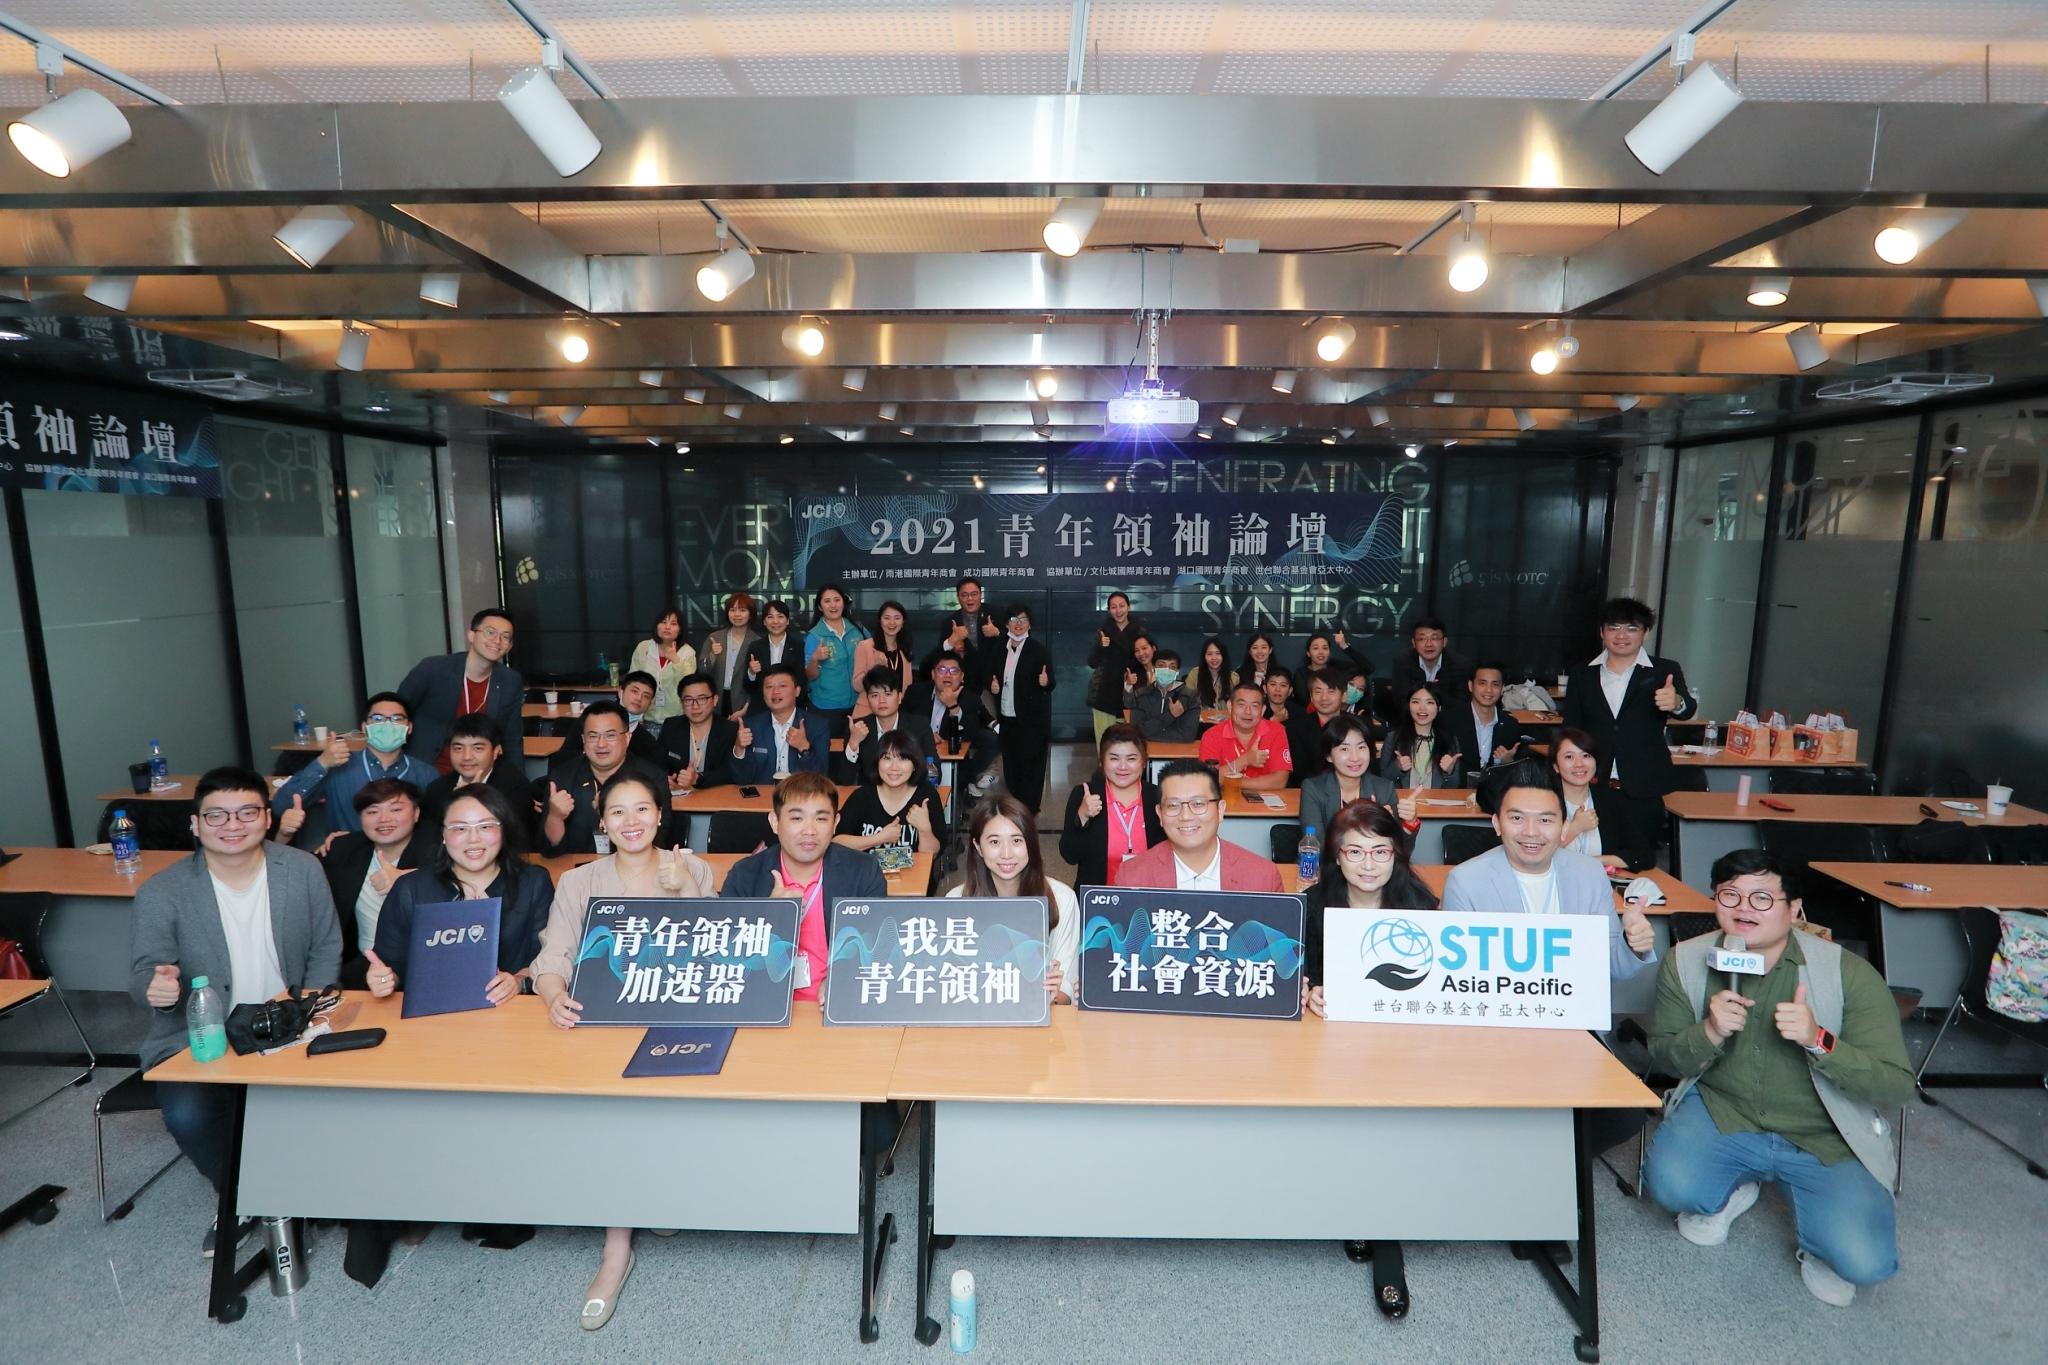 2021青年領袖論壇|《疫情來了!活動哭了?》疫情下的新活動型態 _ 首席布爾喬亞鄧耀中執行長論壇分享